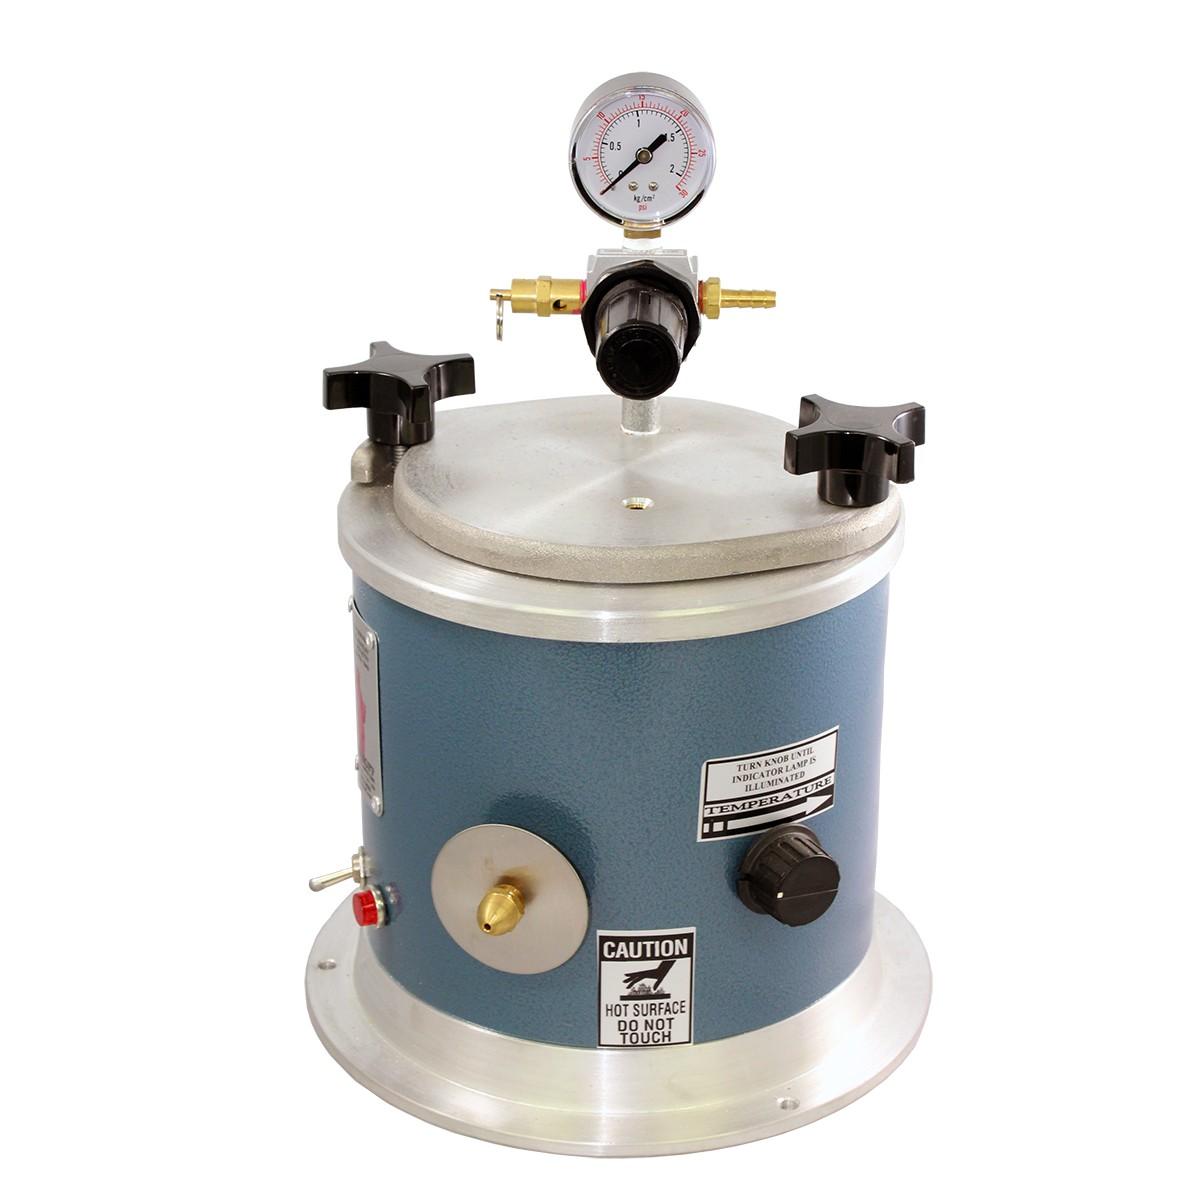 Mini Wax Injector - 1-1/3 Qt